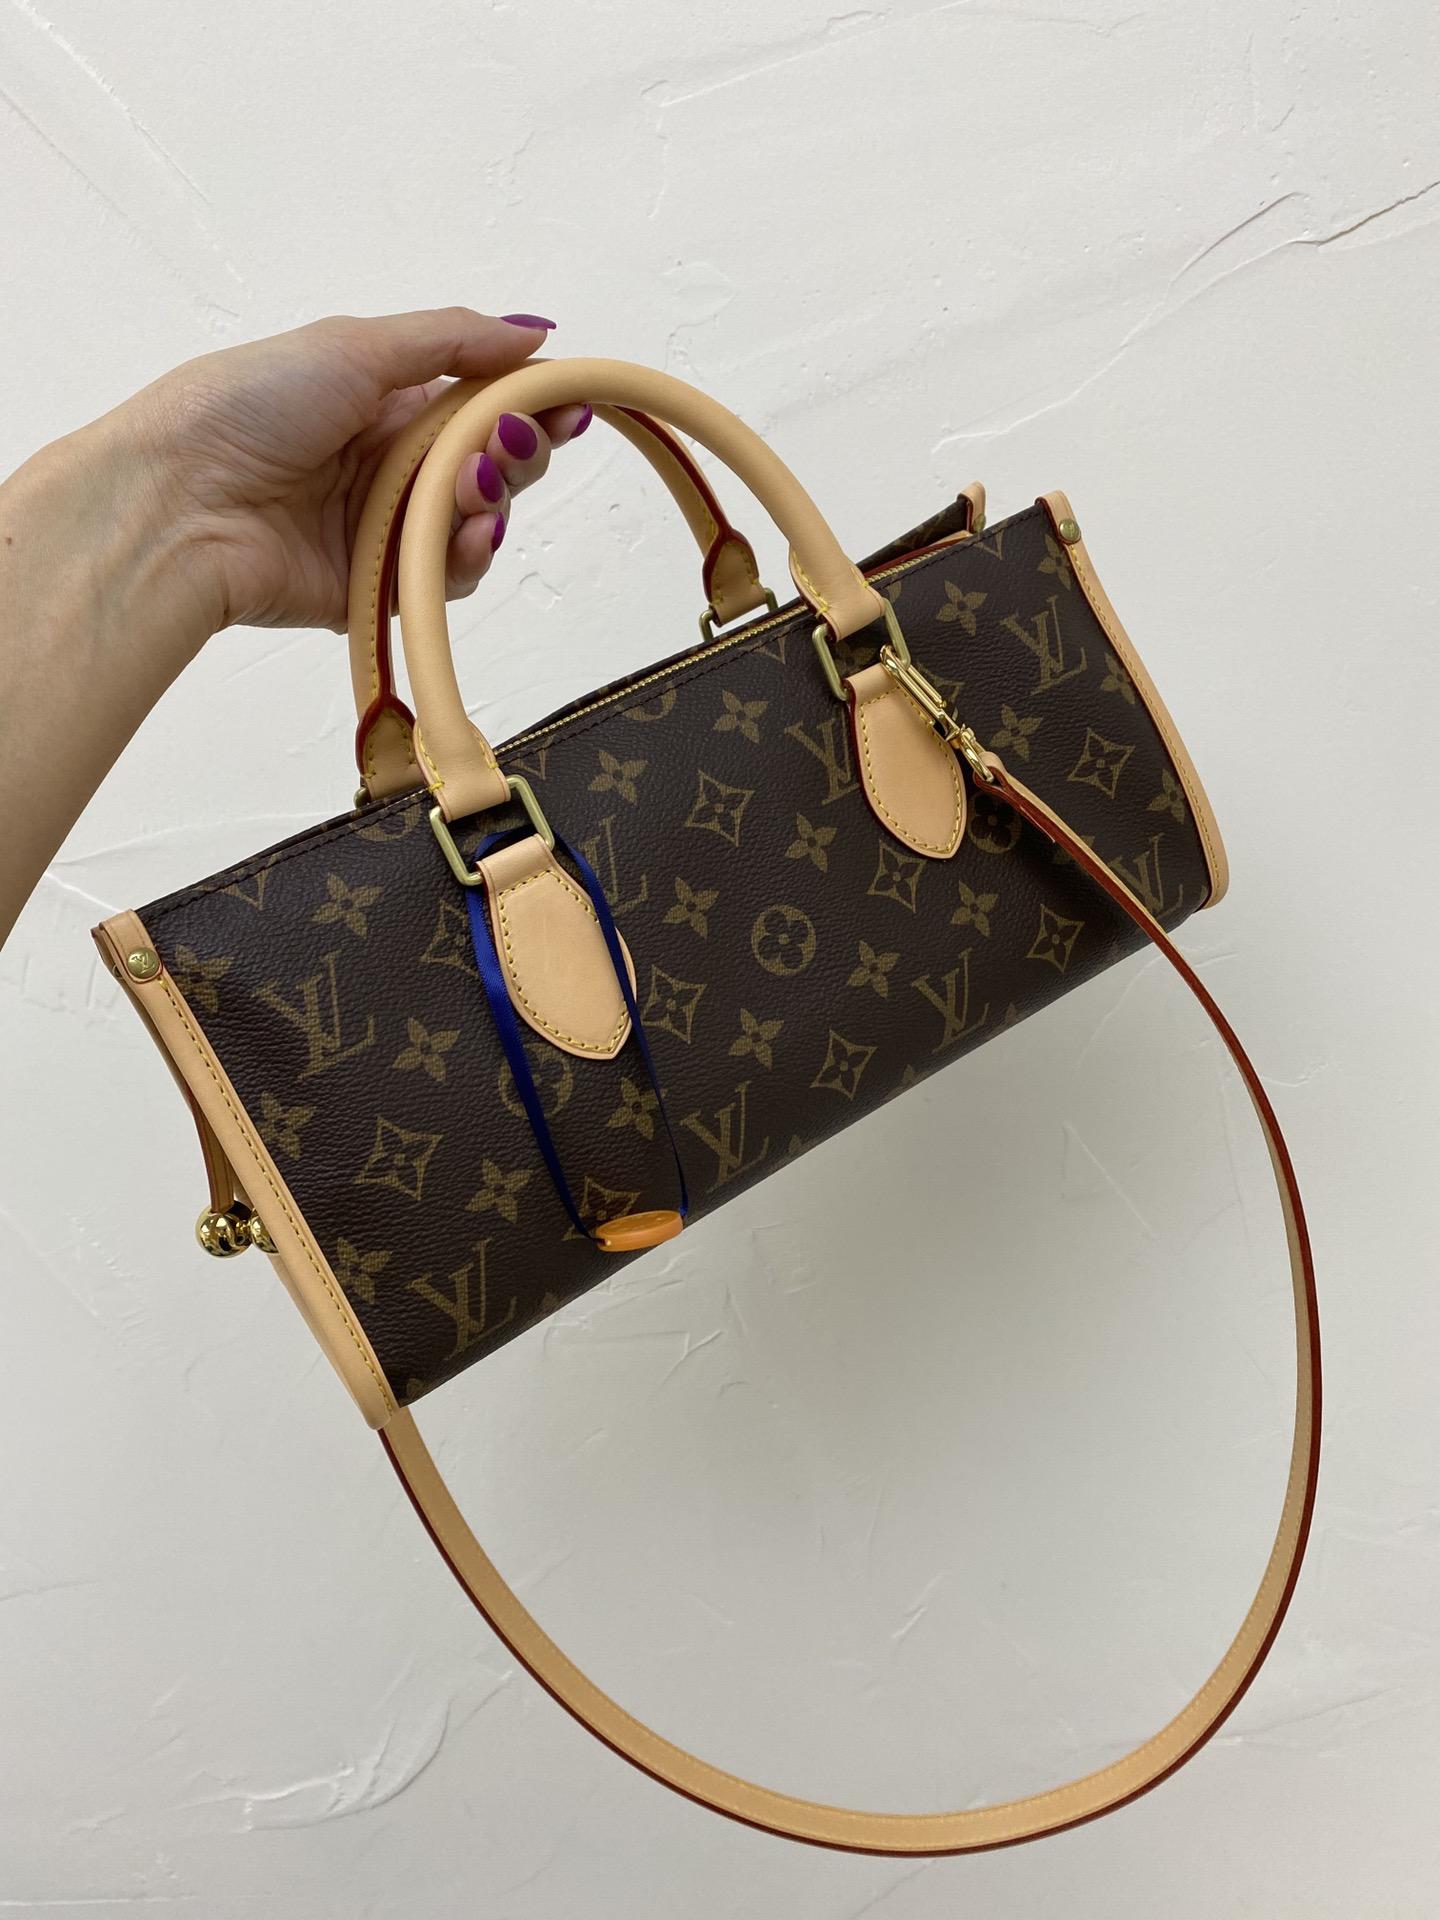 【¥980】LV中古老花款包包41021 经典的包包 绝版的精品 无可挑剔